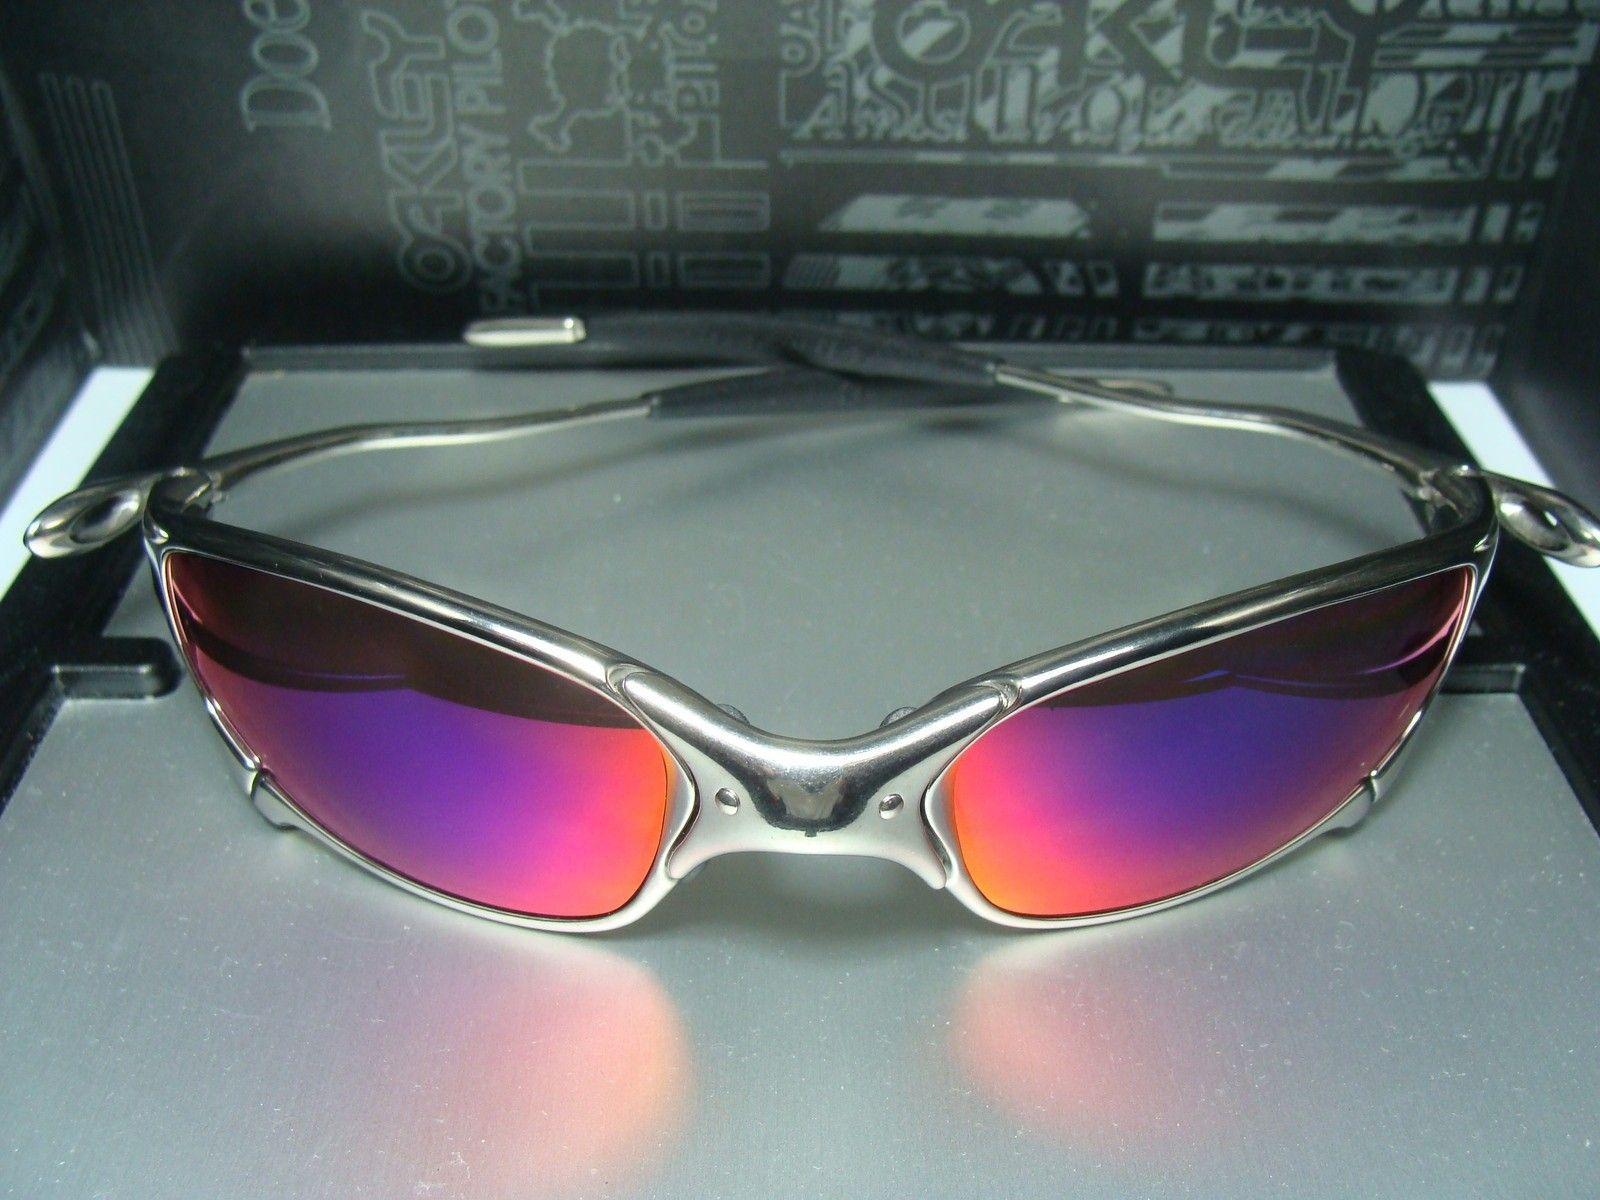 Custom Cut Oo Red Polarized Lenses For Juliet, Brand New Never Worn - DSC04405.JPG